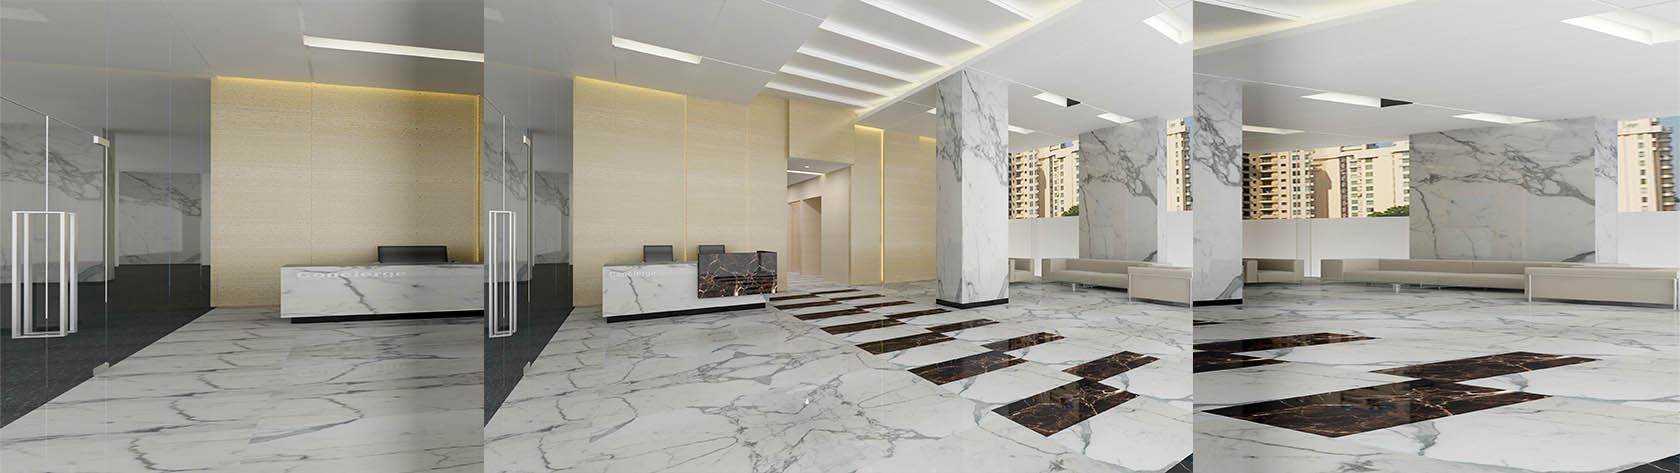 main-lobby2